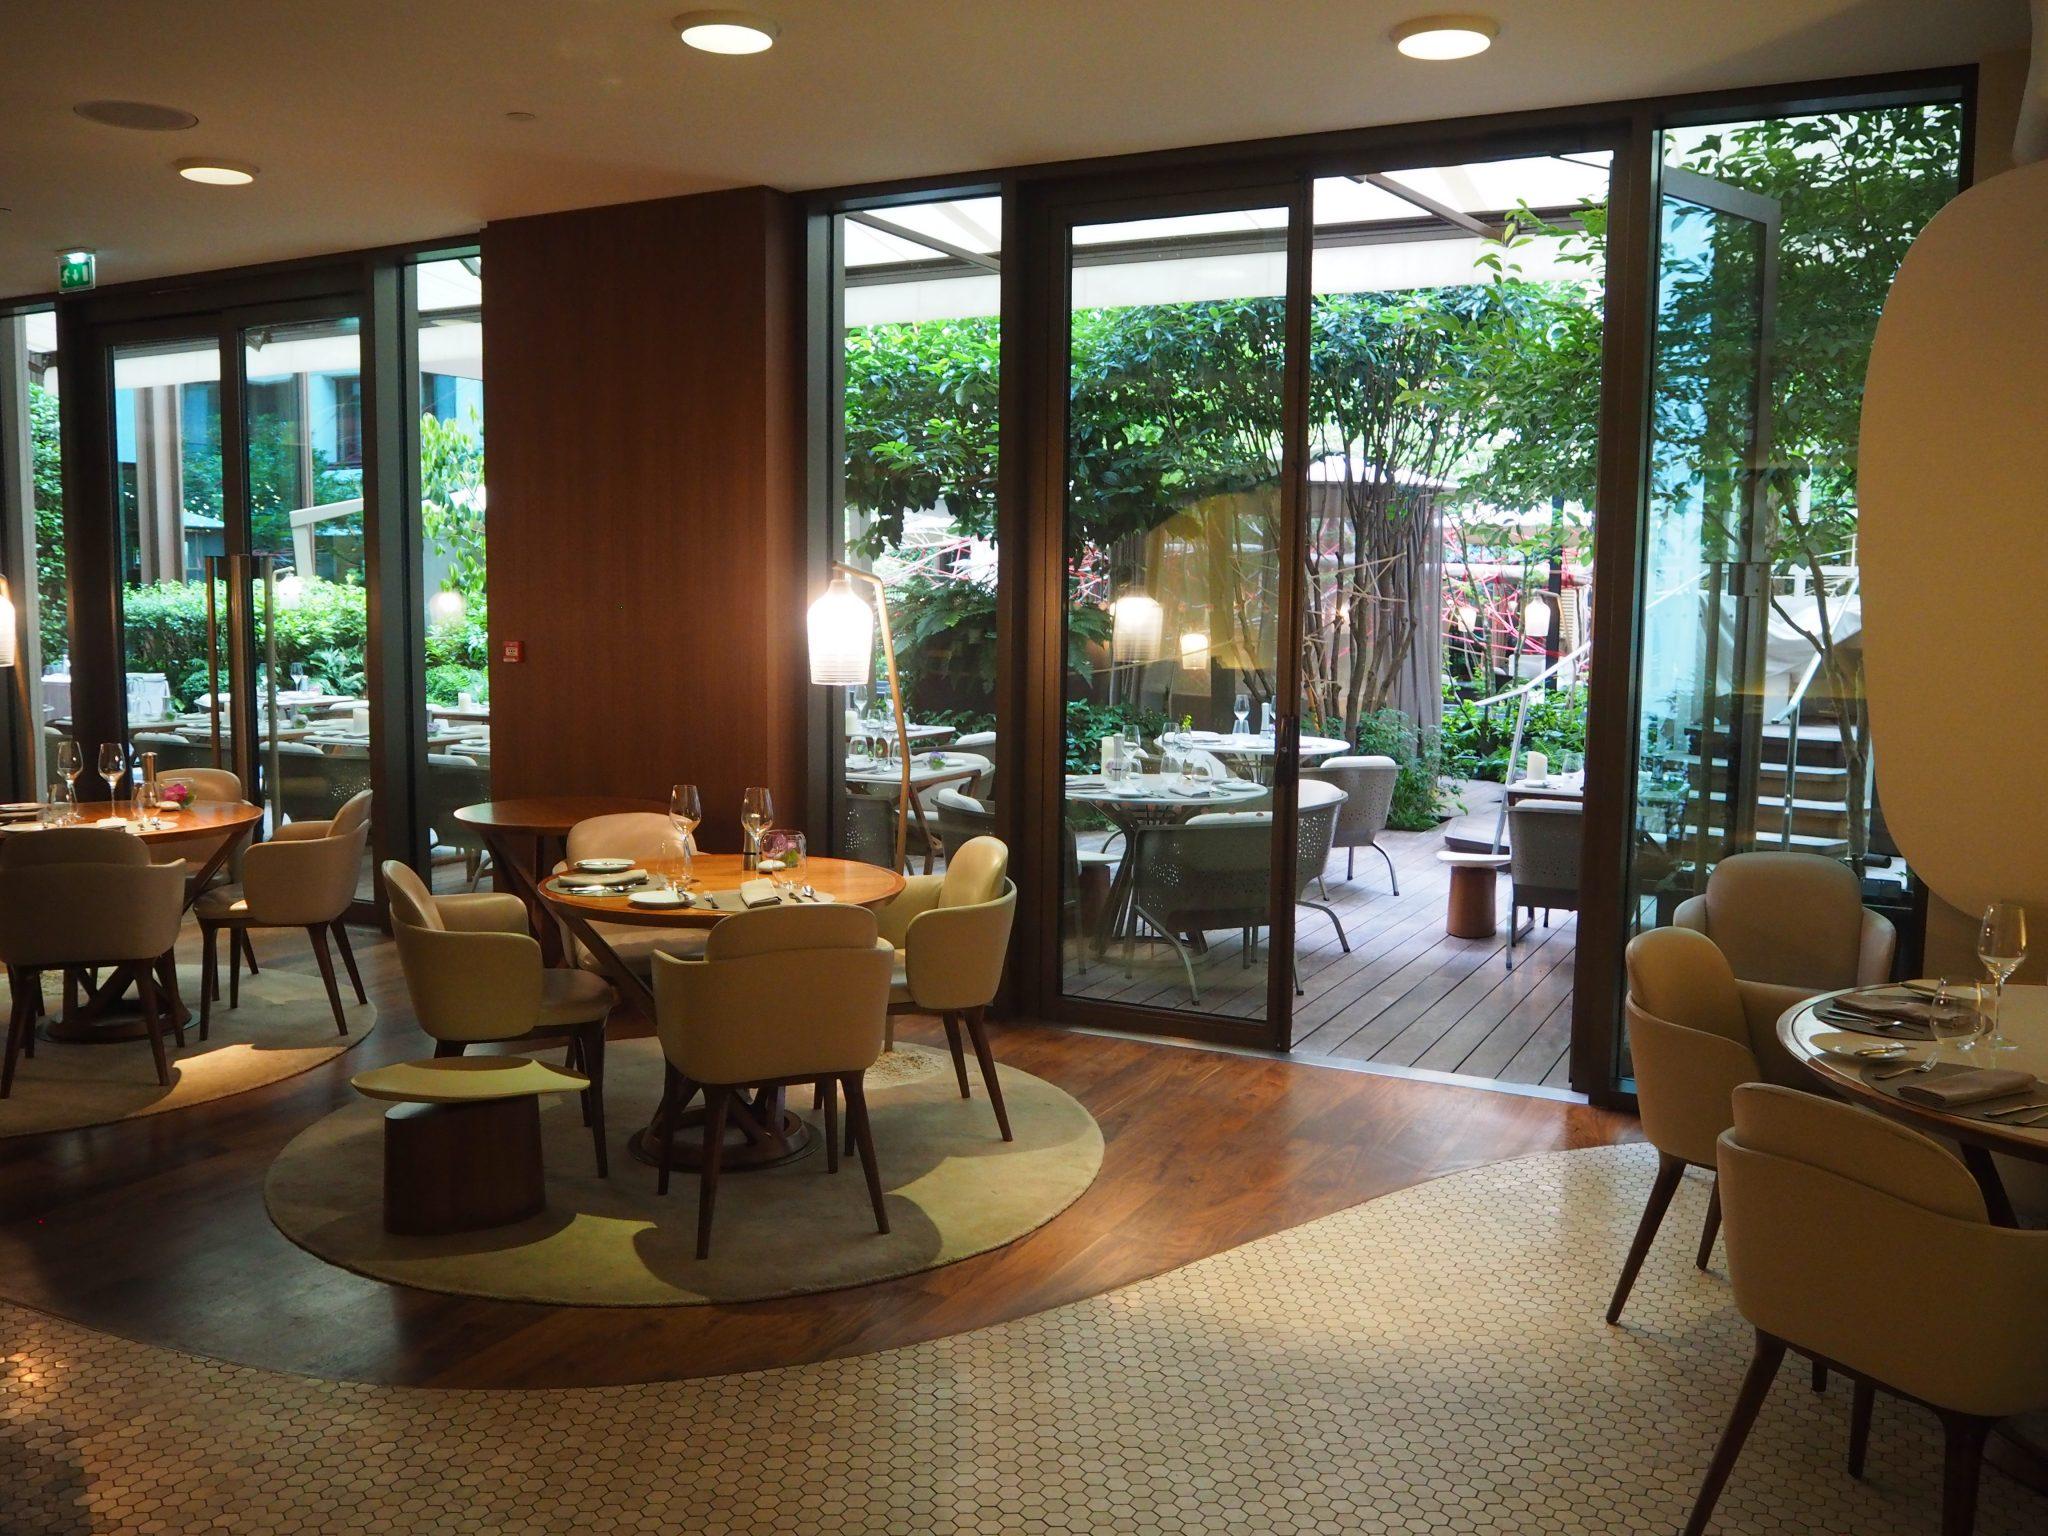 Salon de jardin lychee avis meilleures id es pour la conception et l 39 ameublement du jardin - Salon de jardin allibert maui ...